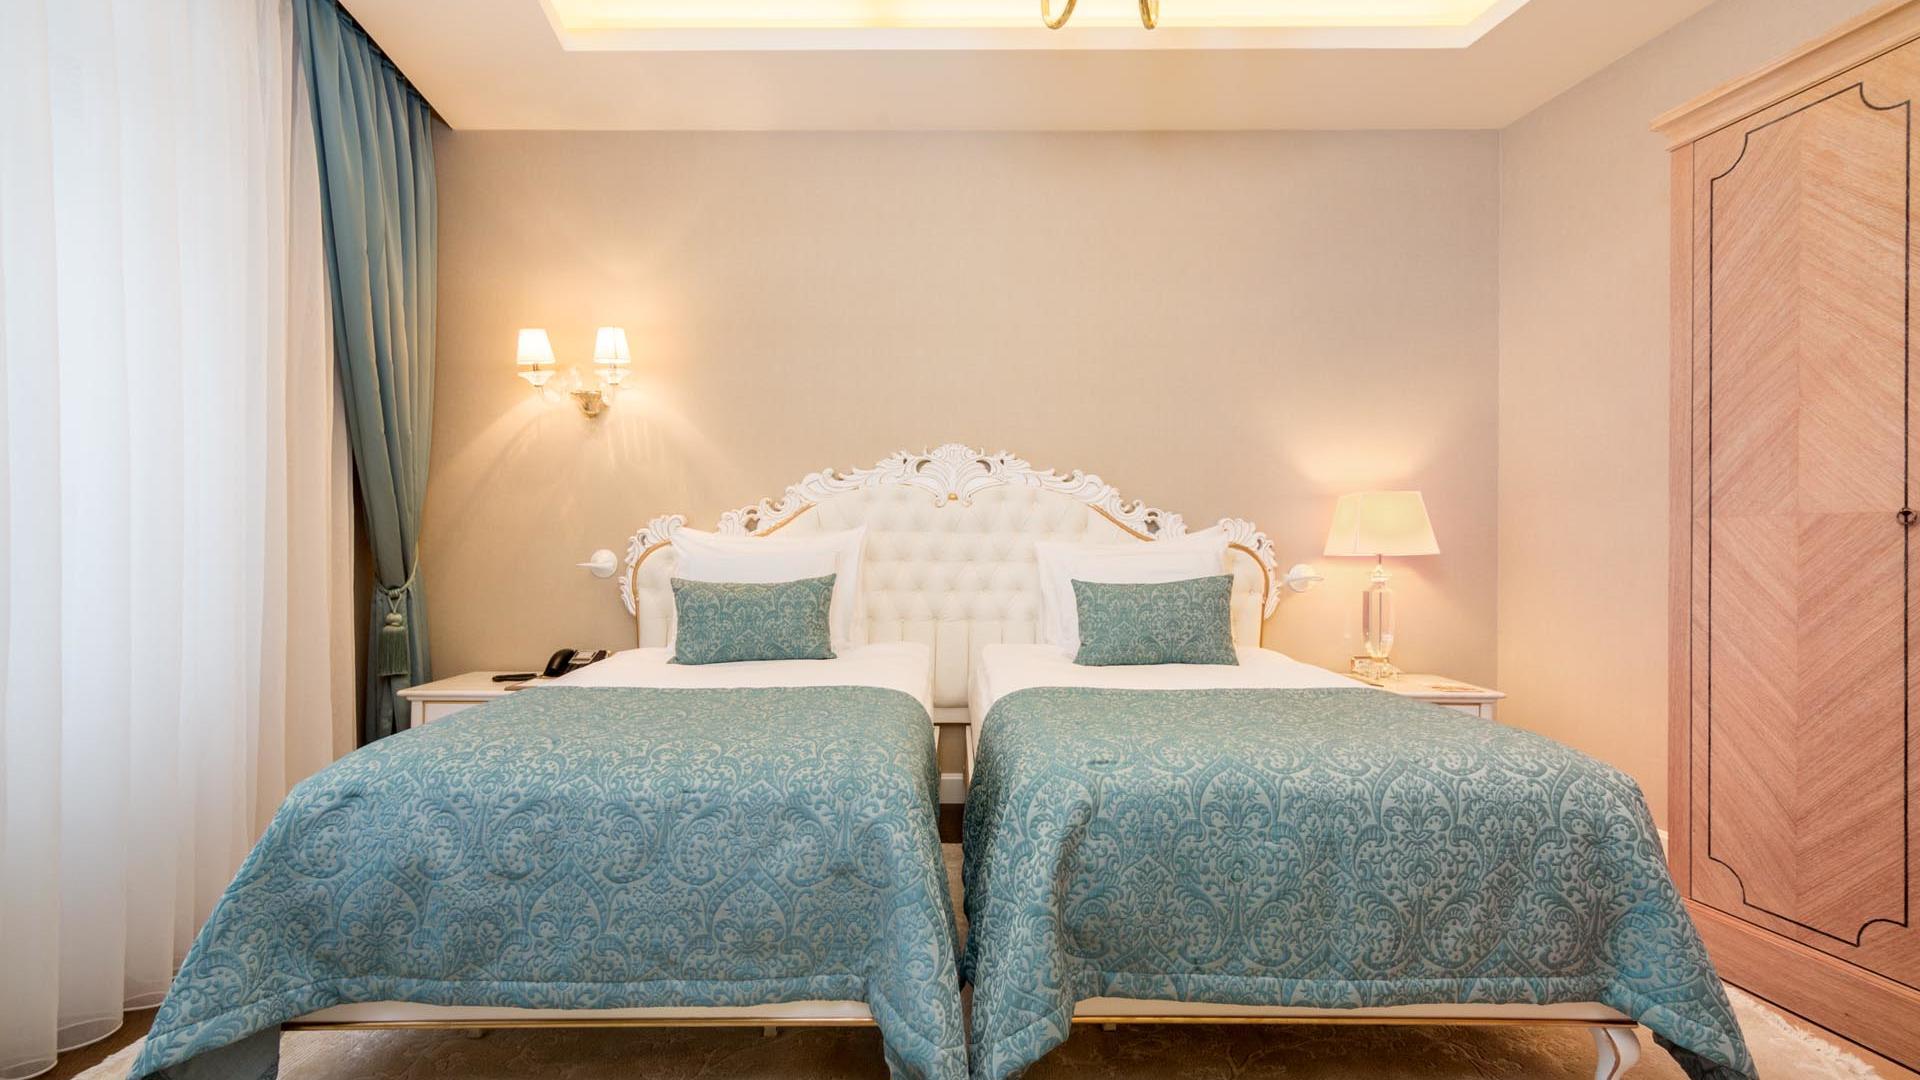 Luxury Suite beds